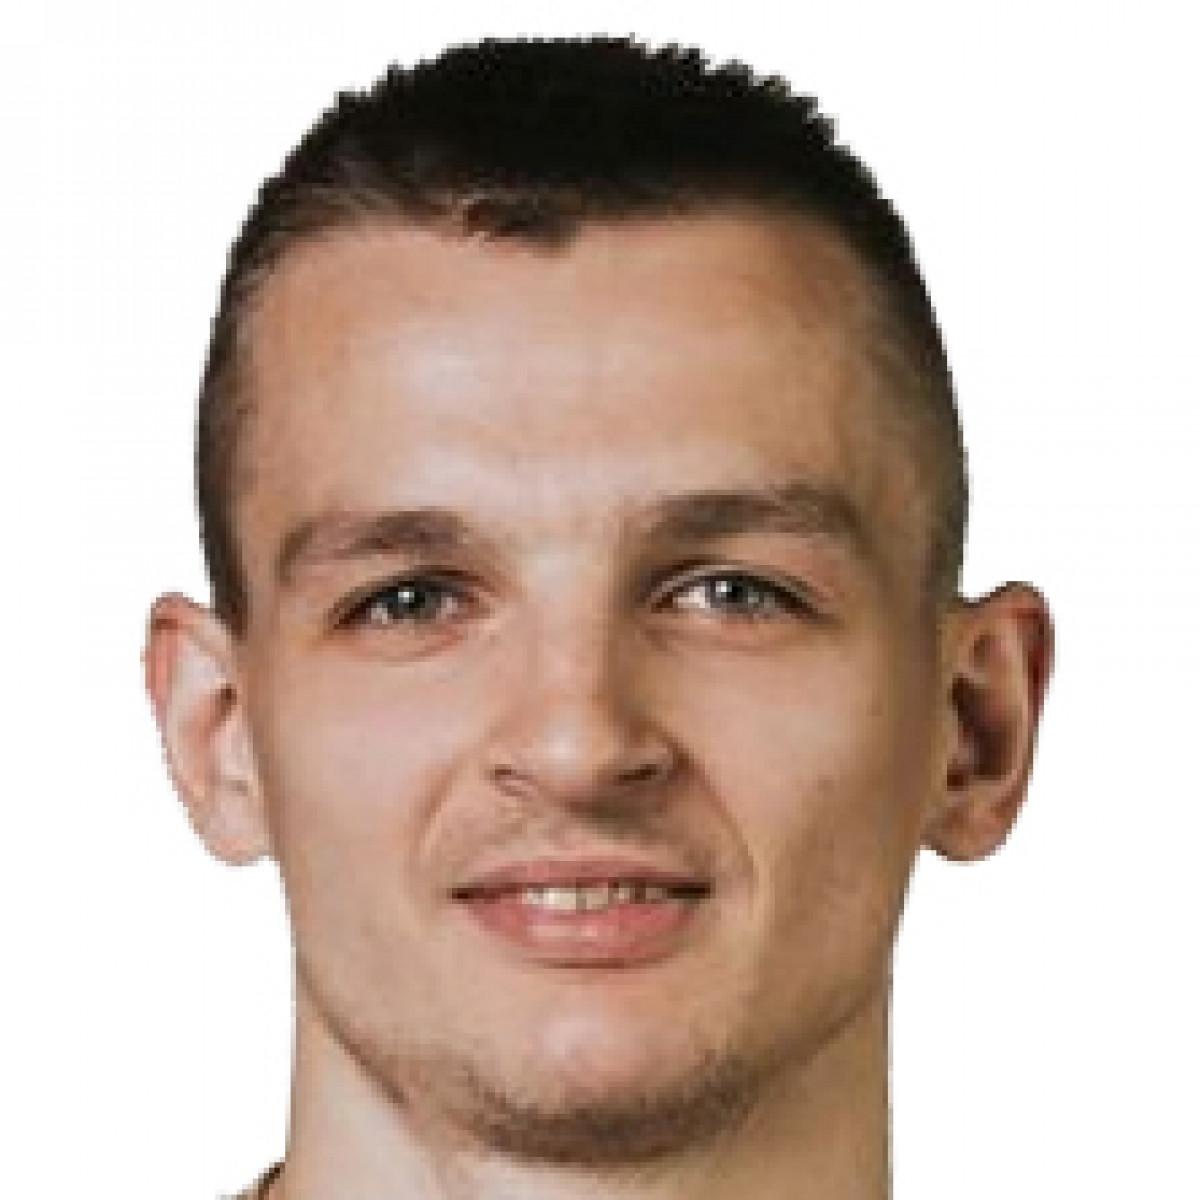 Grzegorz Grochowski